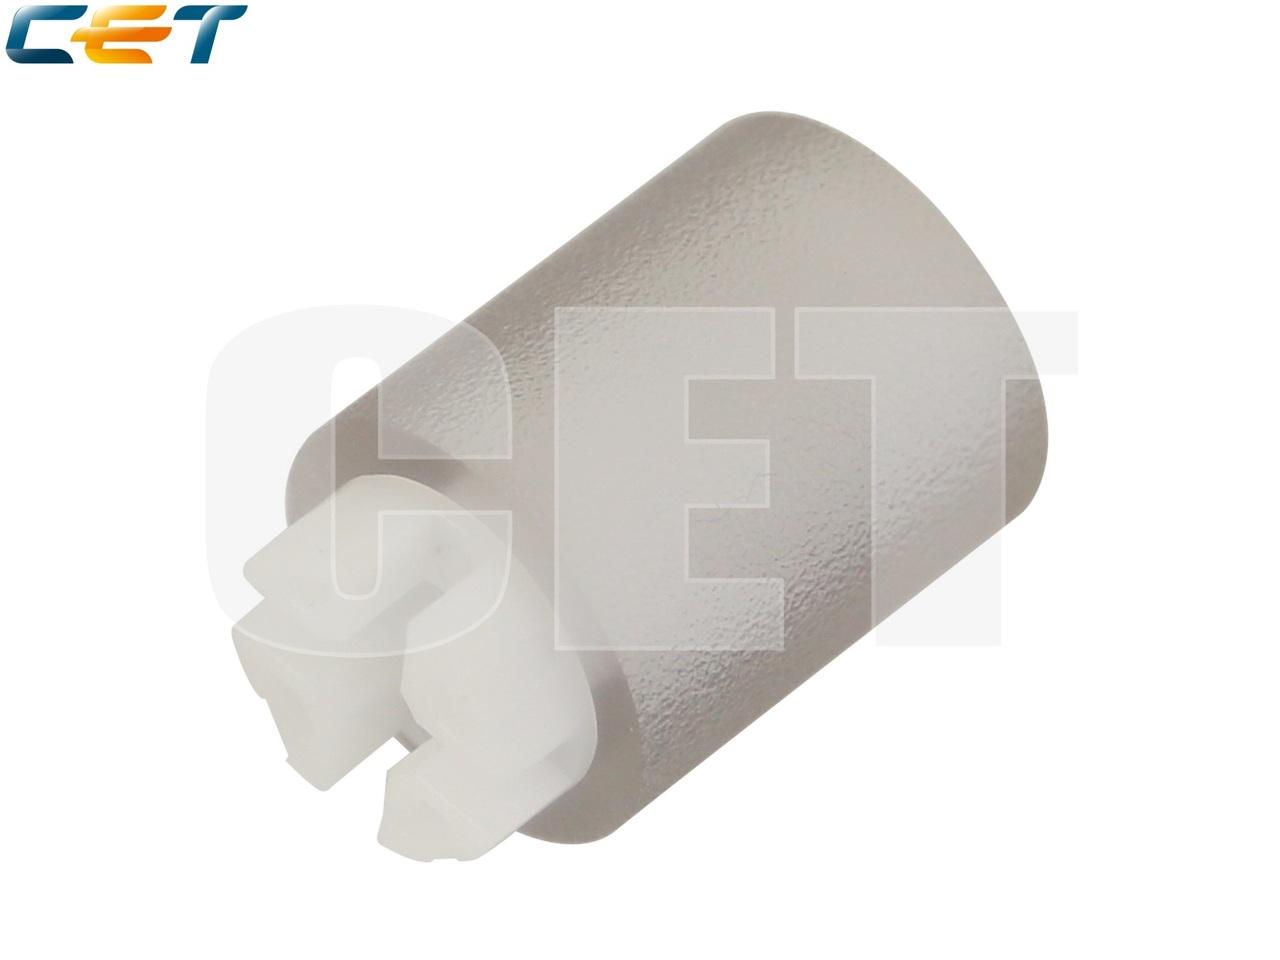 Ролик подхвата NROLR2125FCZZ для SHARPMX-3050N/3060N/3550N/3560N/4050N/4060N/4070N/6070N(CET), CET7178